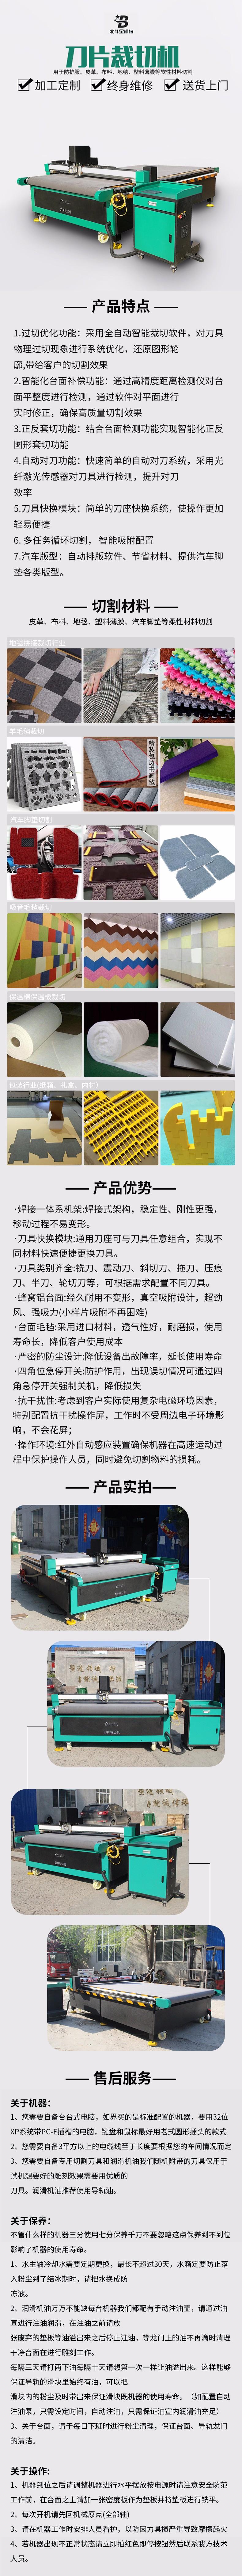 刀片裁切机详情页.jpg